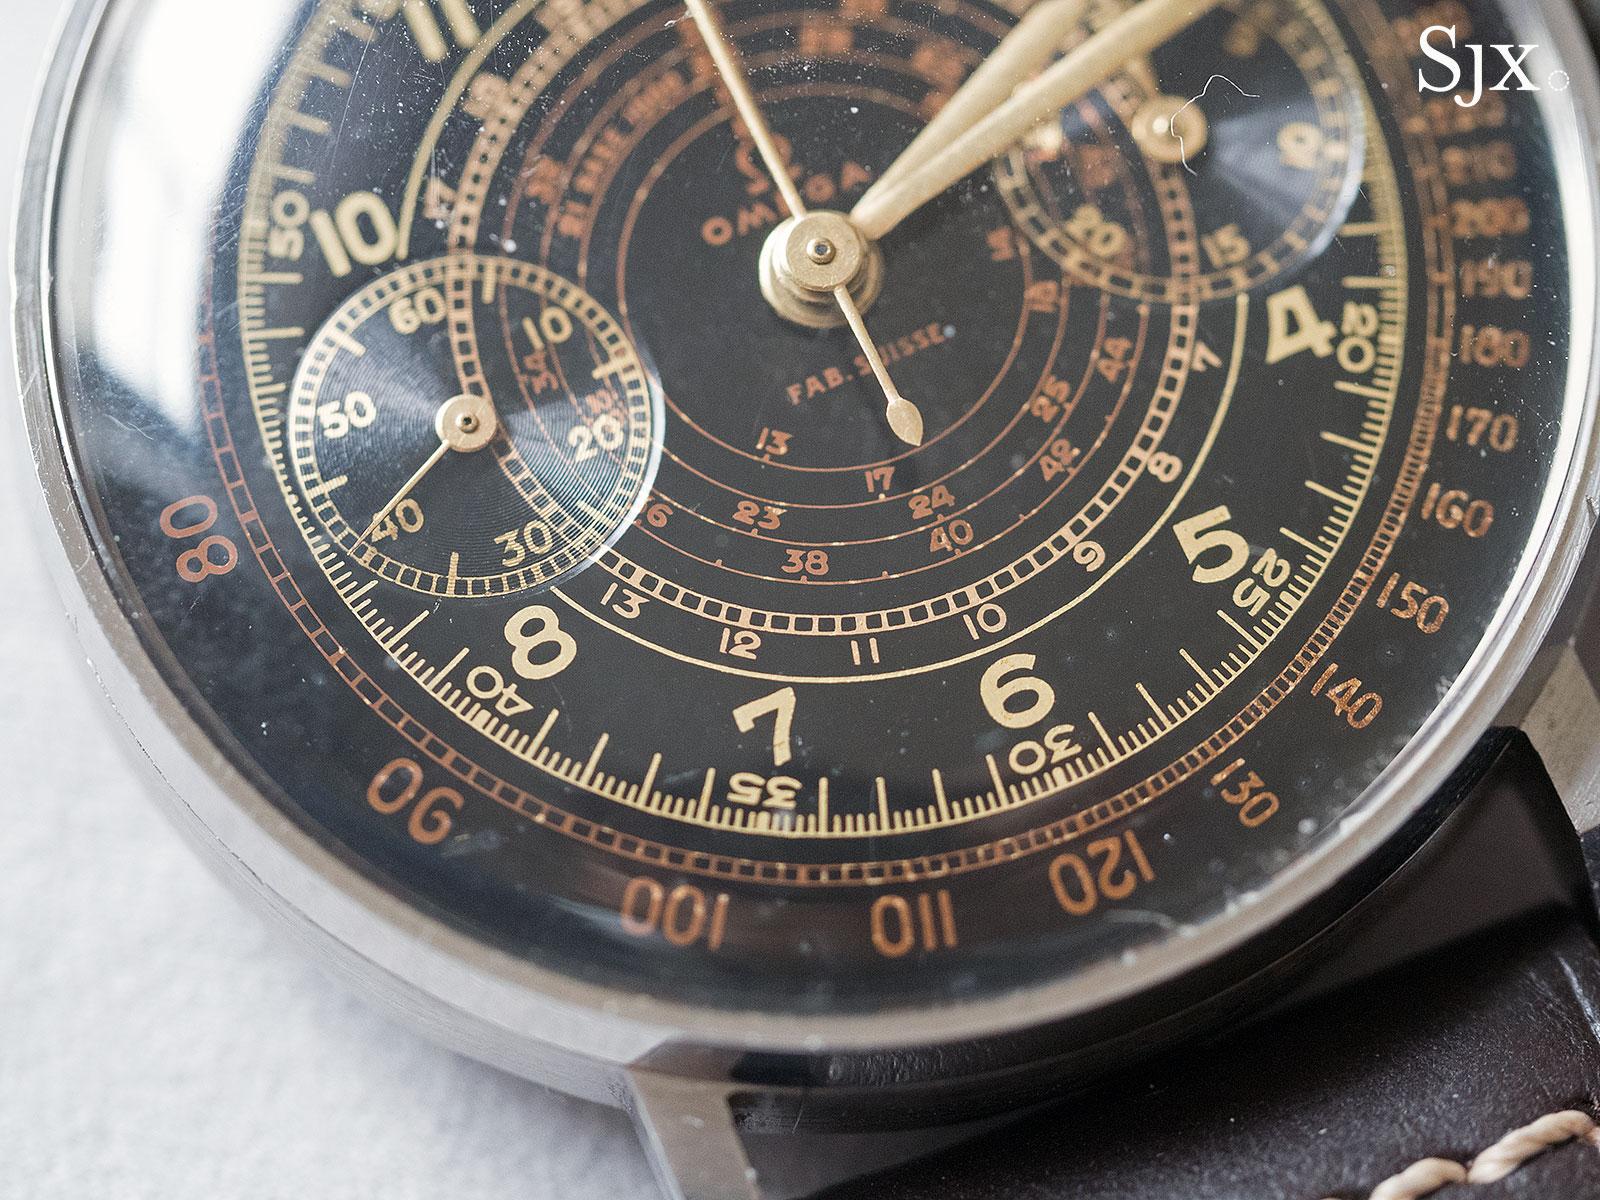 Omega chronograph CK 2393-2